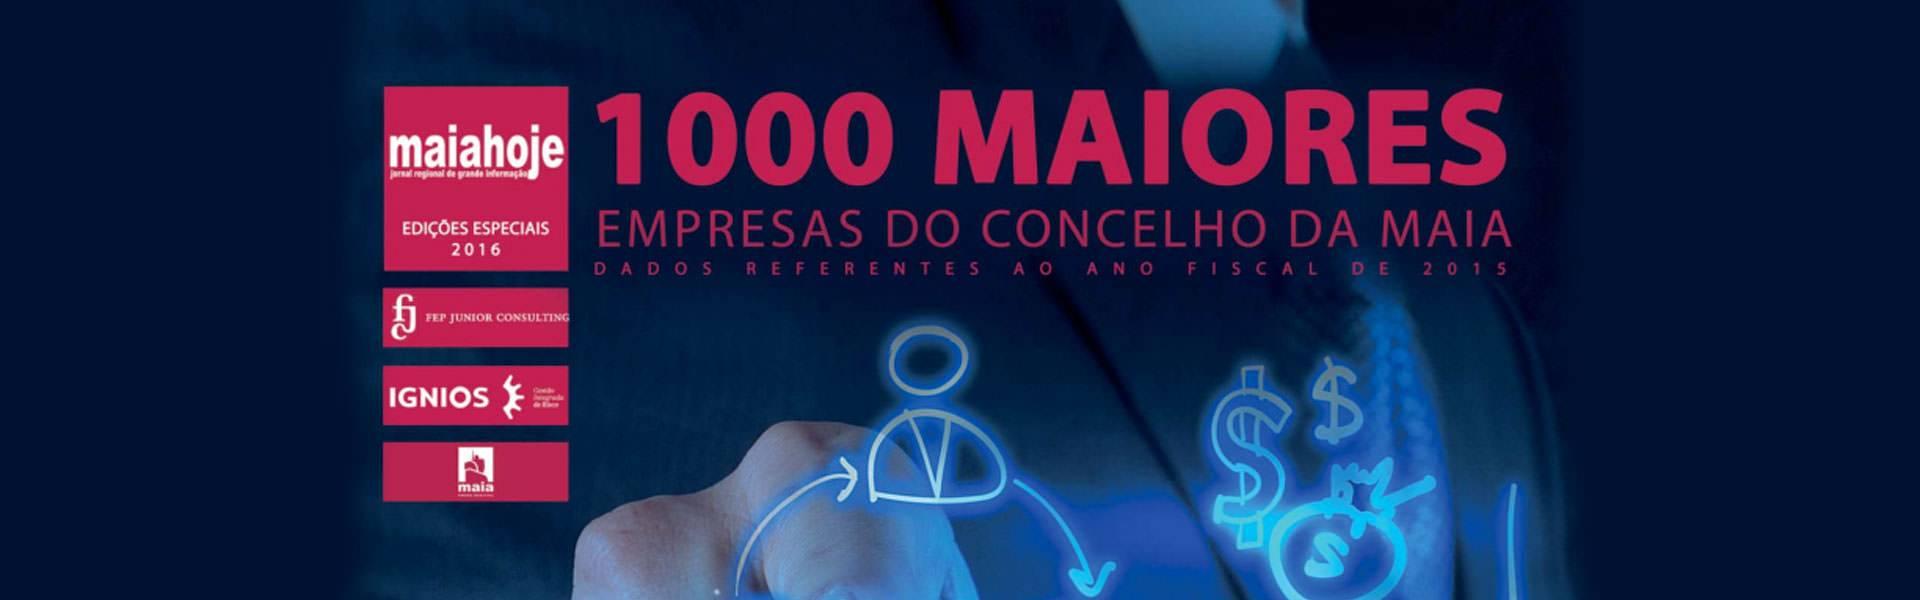 1.000 maiores empresas da maia empresas nacionais idonic maia maia hoje maiahoje maiores empresas da maia